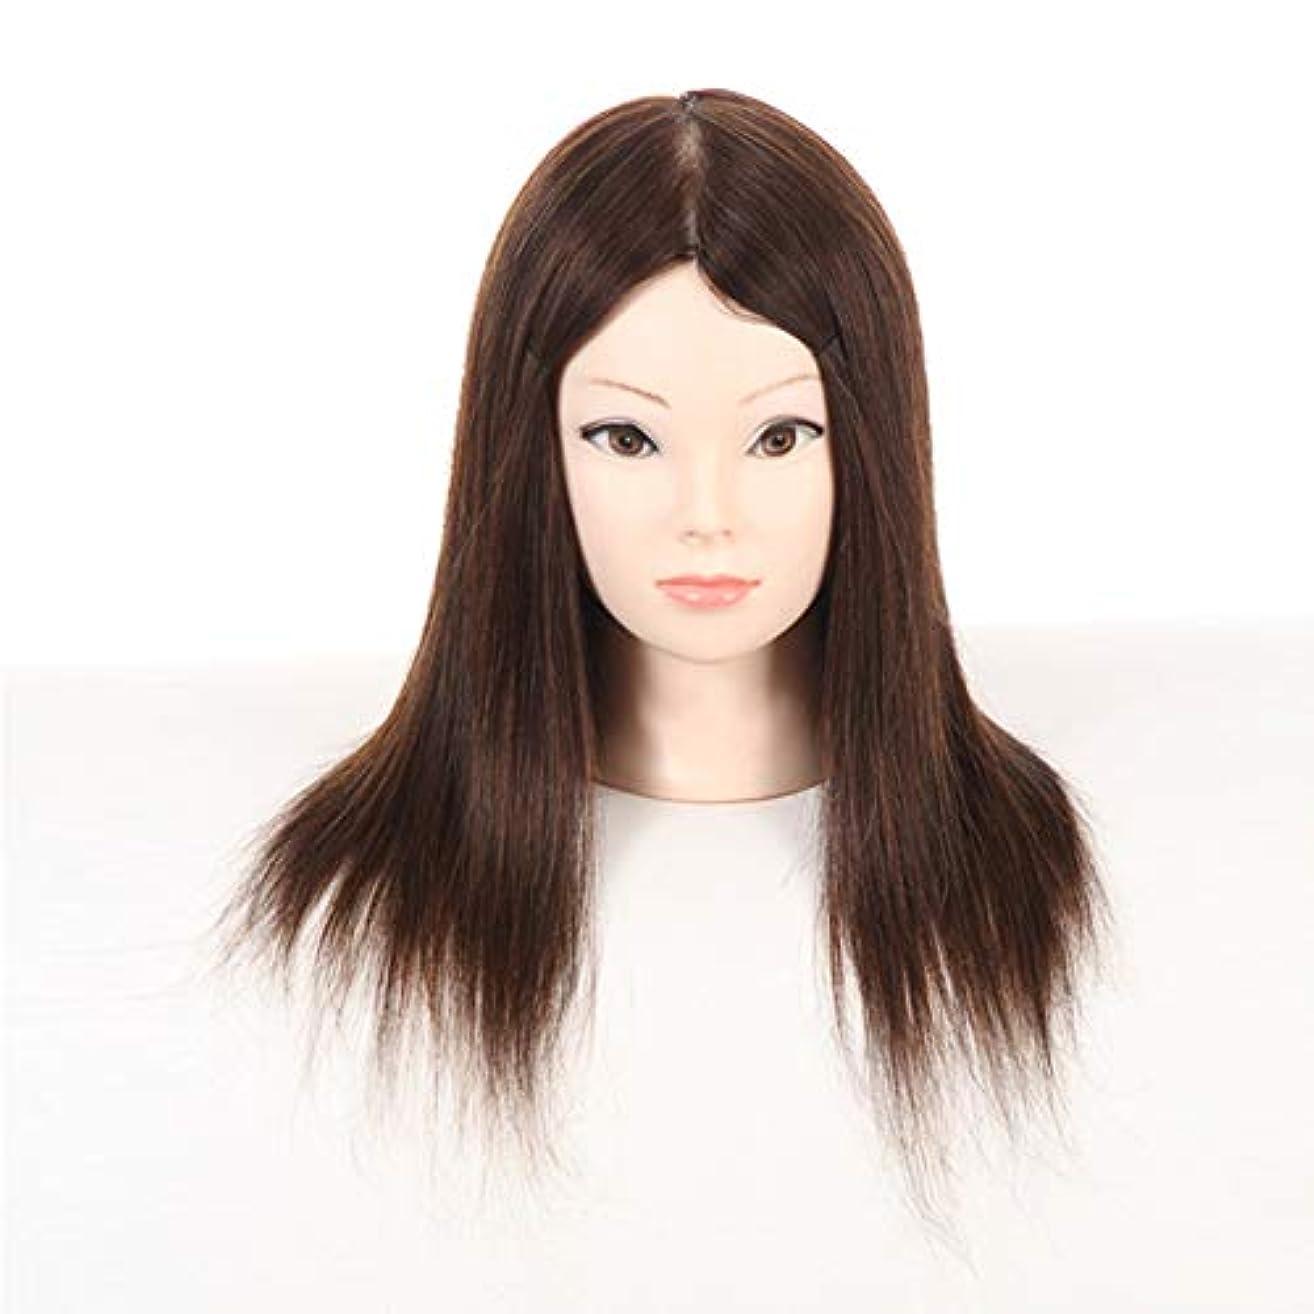 ぐったり放棄されたサンダース本物の髪髪編組髪ヘアホット染料ヘッド型サロンモデリングウィッグエクササイズヘッド散髪学習ダミーヘッド